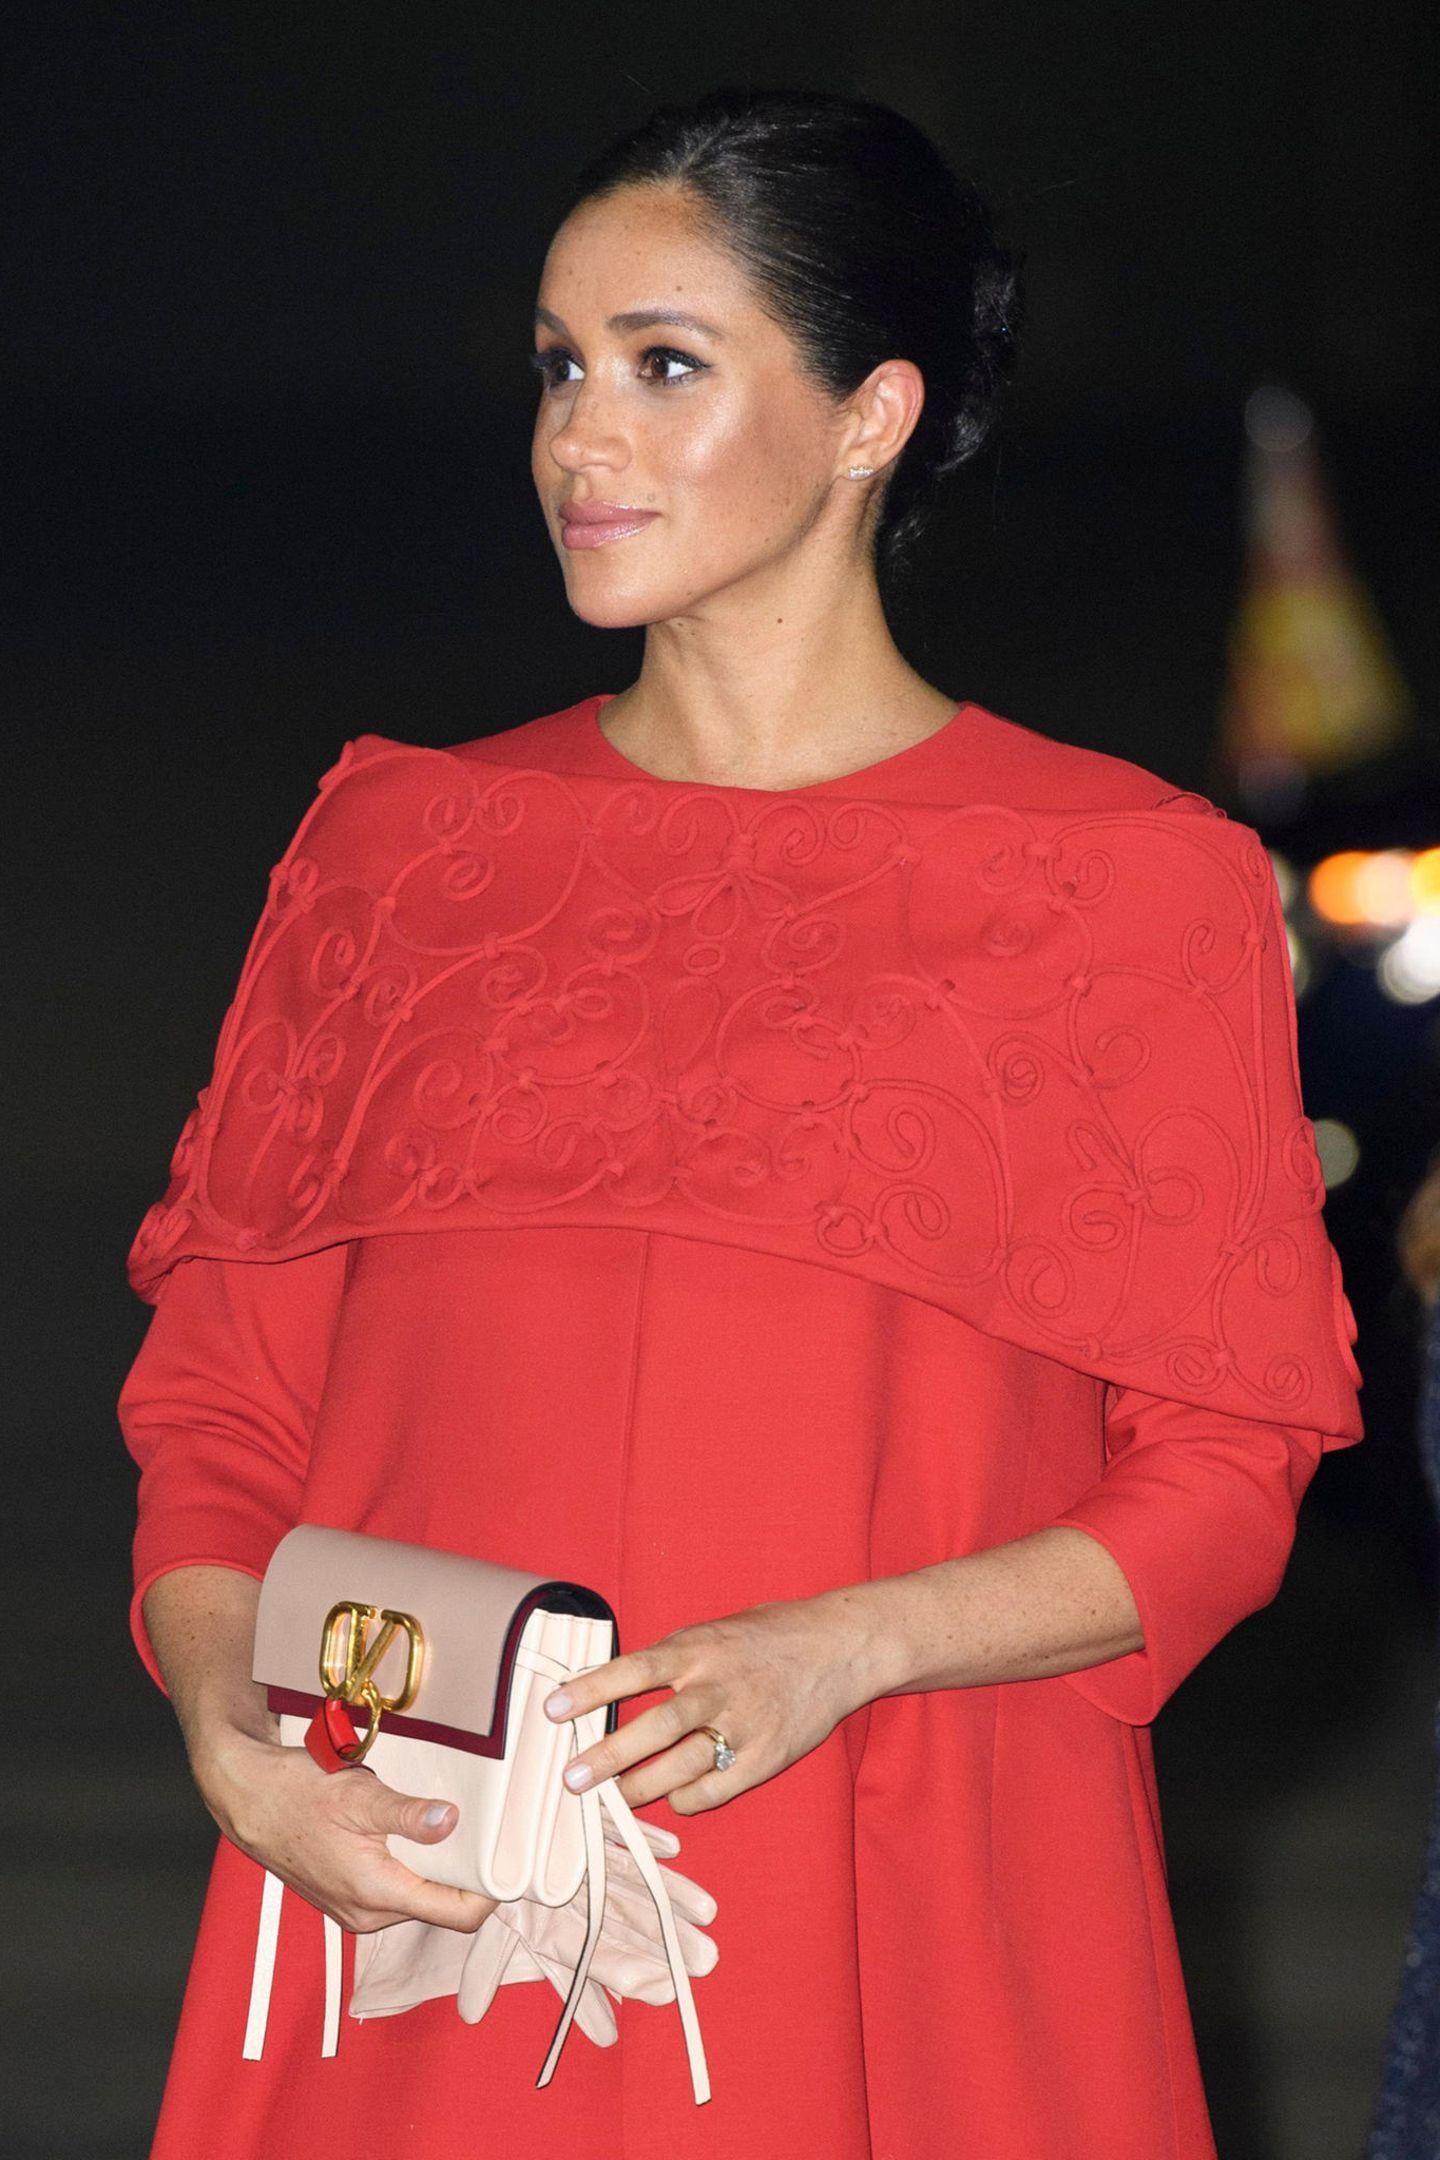 Während ihrer Reise nach Marokko zeigte sich auch Herzogin Meghan in einem Komplett-Look von Valentino. Passend zu ihrem Cape-Kleid hielt sie die rosafarbene Valentino-Clutch mit rotem Bommel in der Hand.